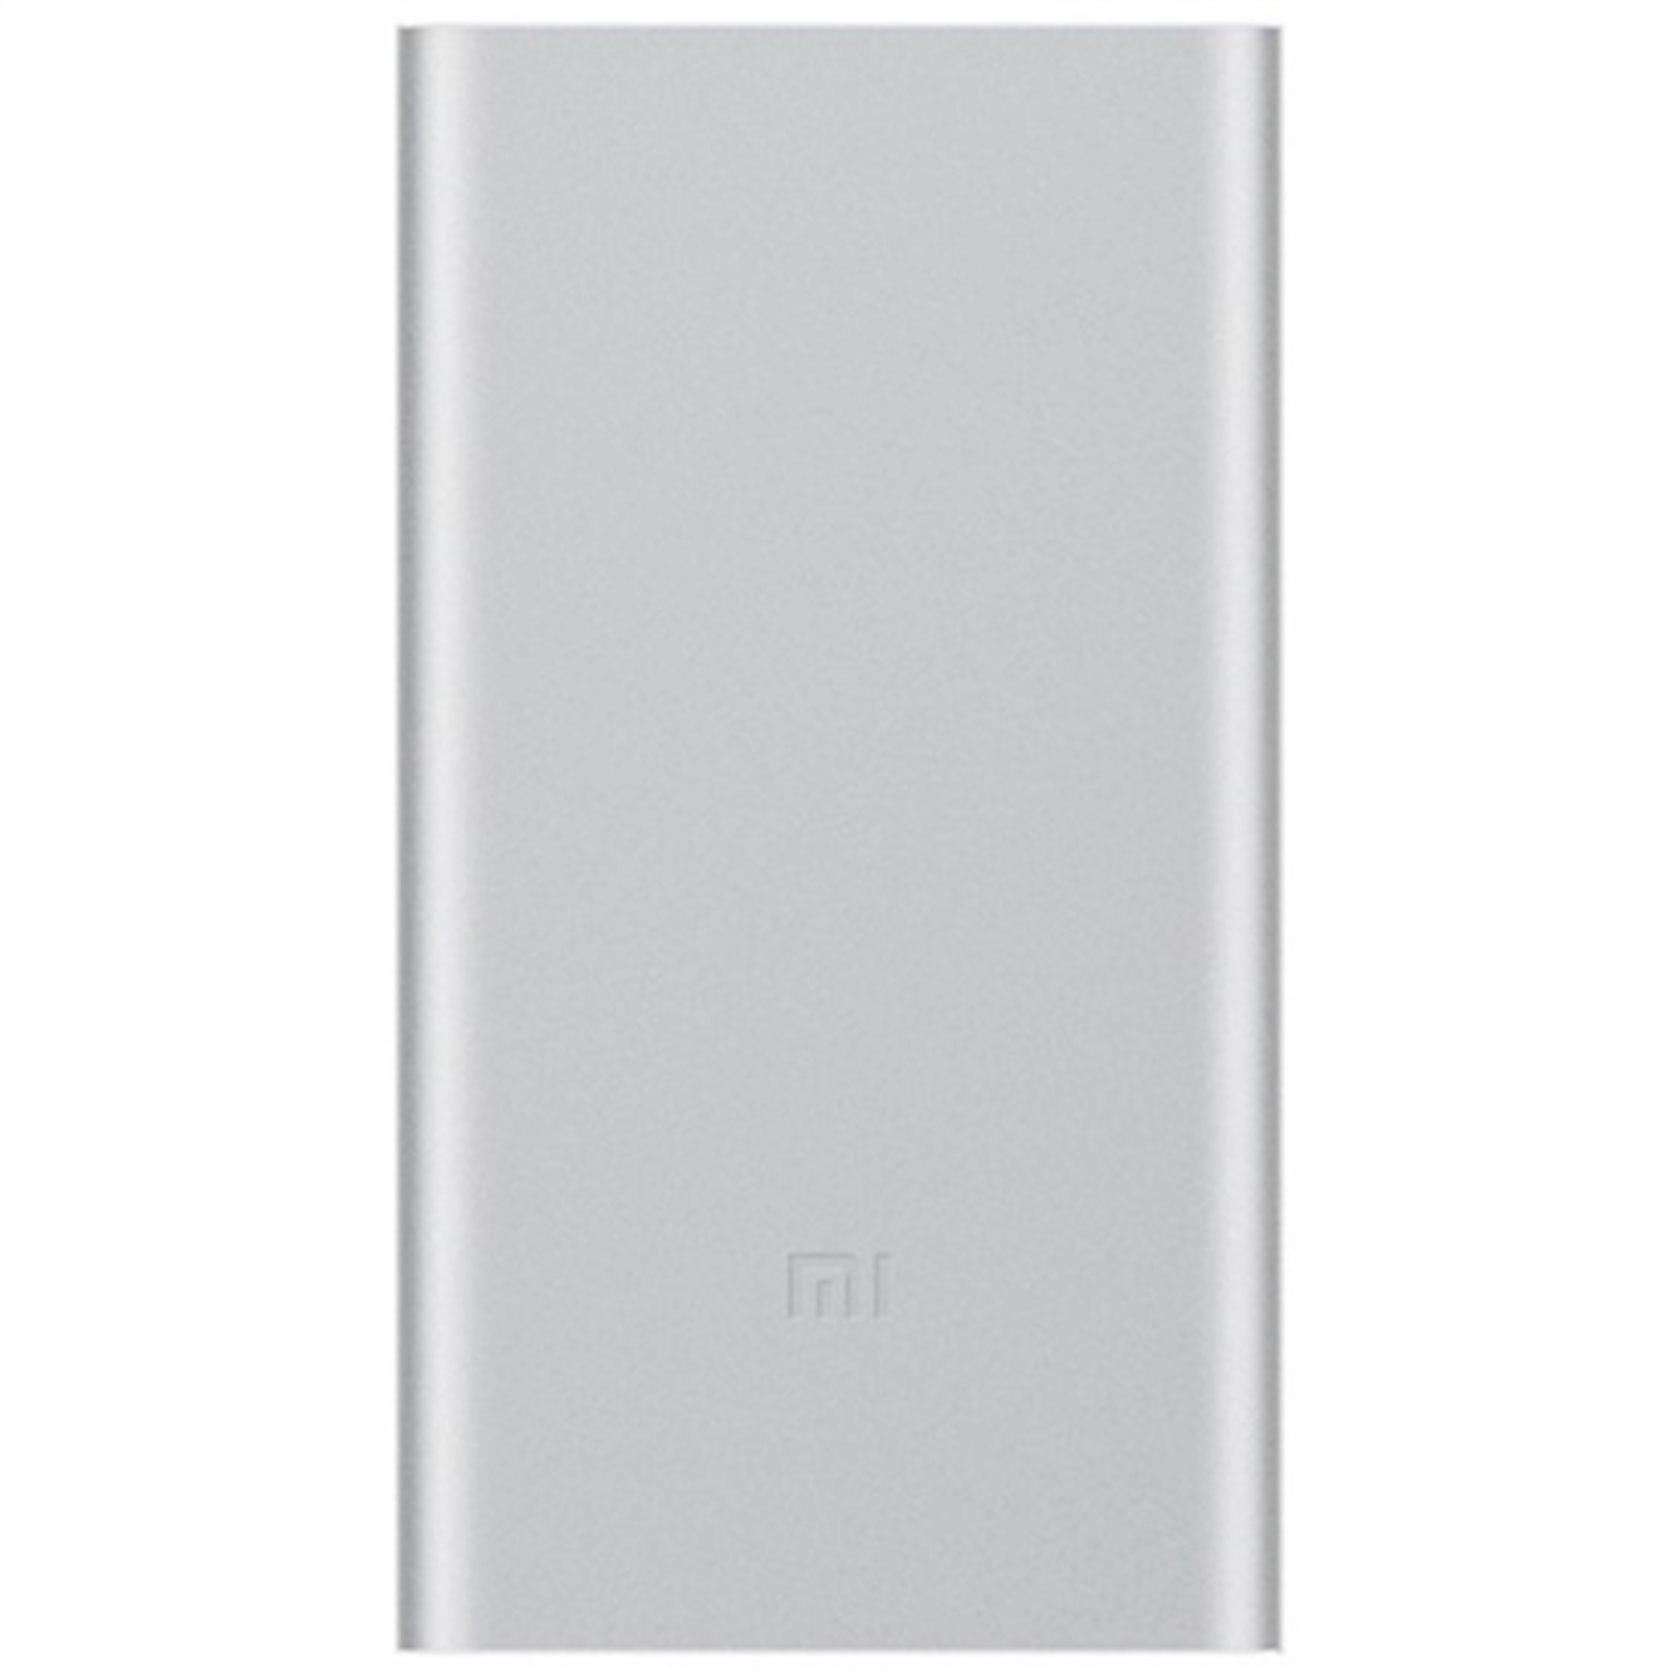 Xarici akkumulyator Xiaomi Mi Power Bank 2 10000 mAs gümüşü